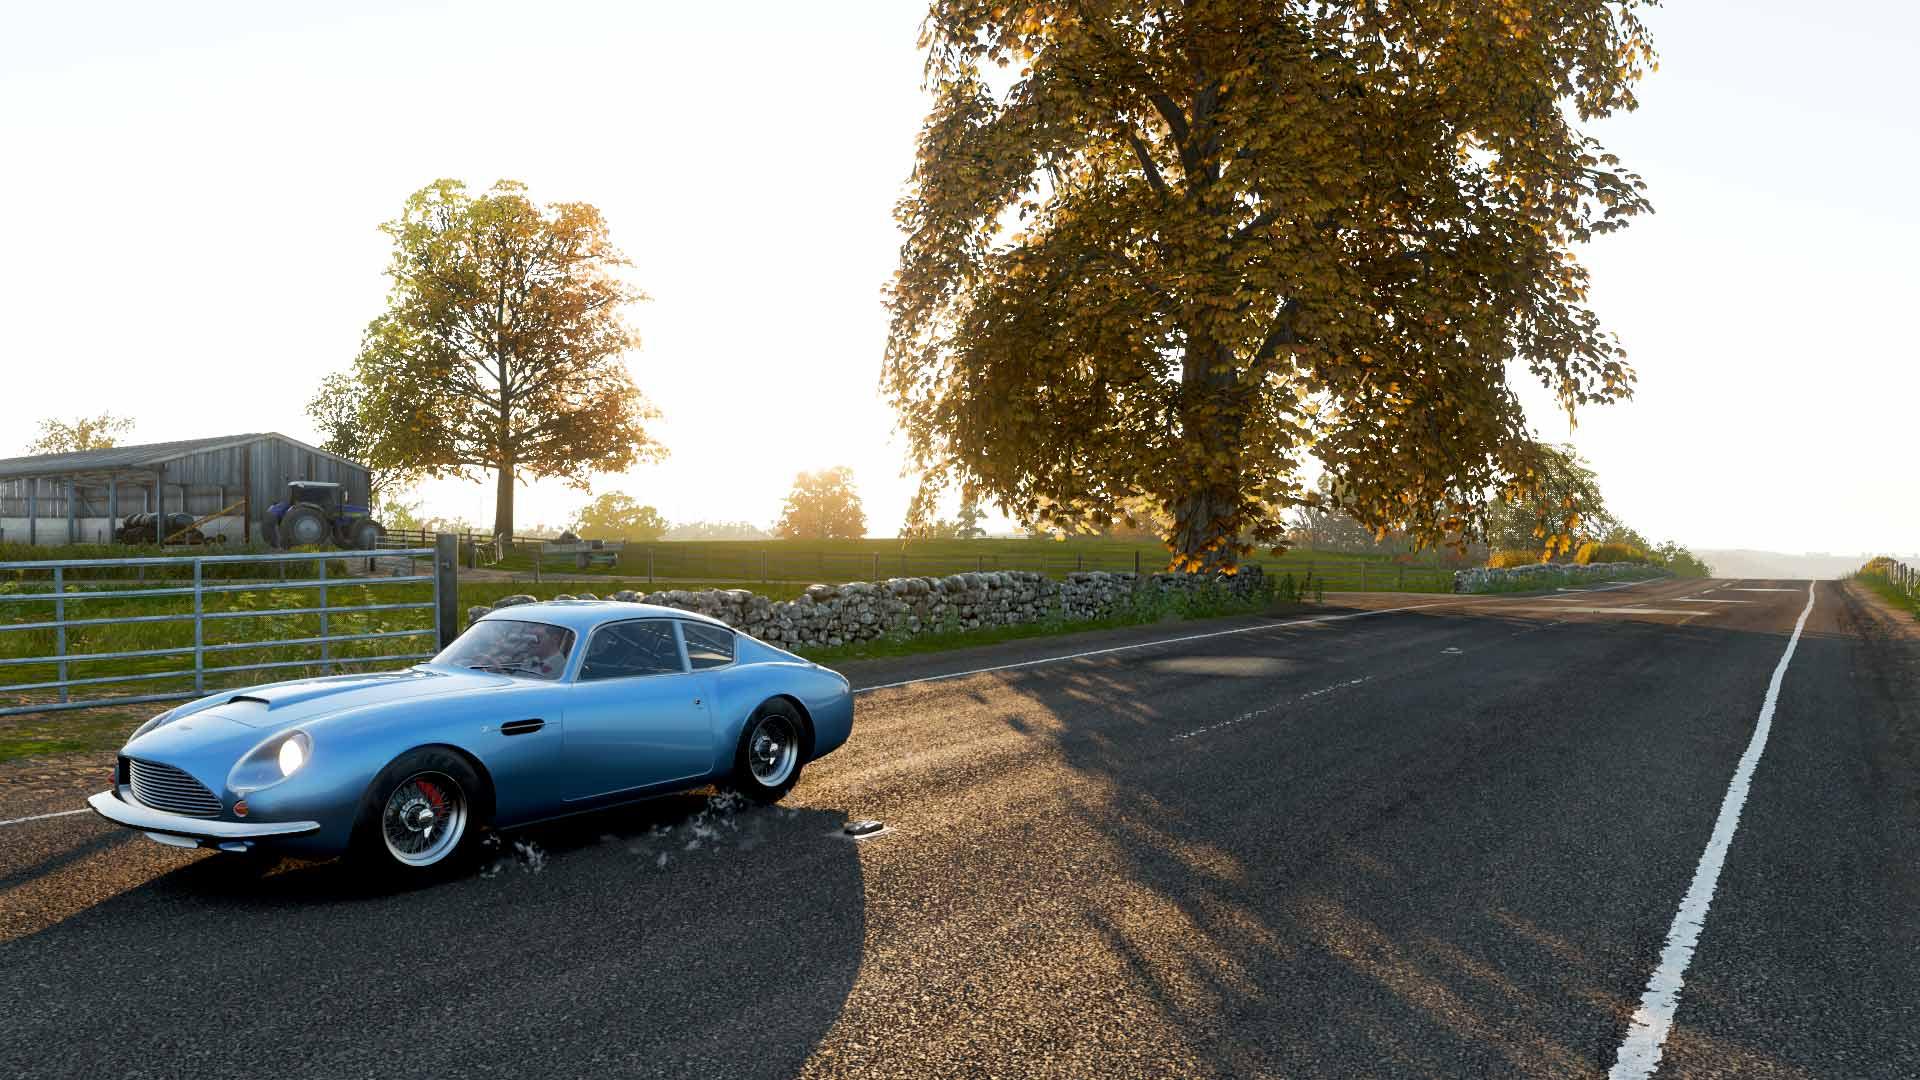 Donde Encontrar Todos Los Coches Ocultos En Forza Horizon 4 Hobbyconsolas Juegos